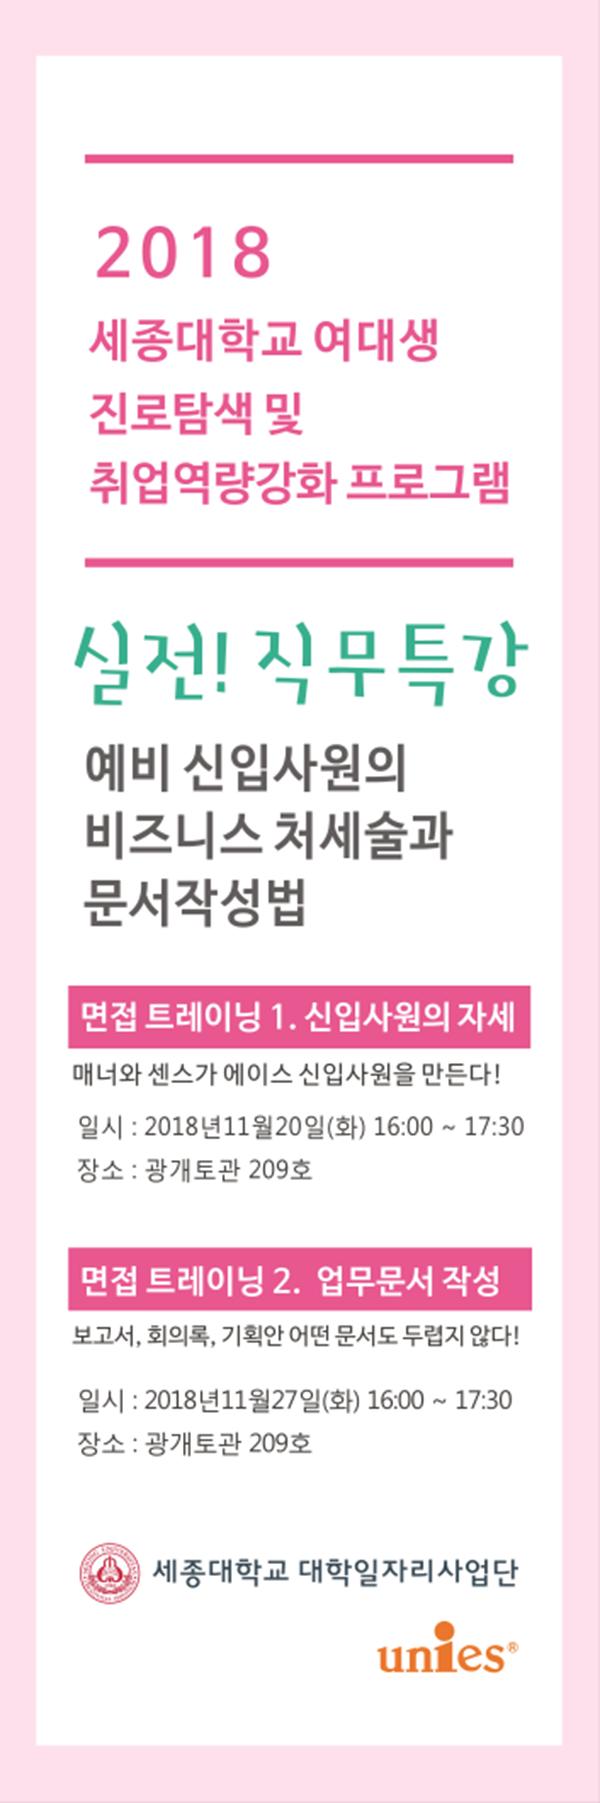 세종대 대학일자리사업단 예비 신입사원 실무 트레이닝 특강 개최